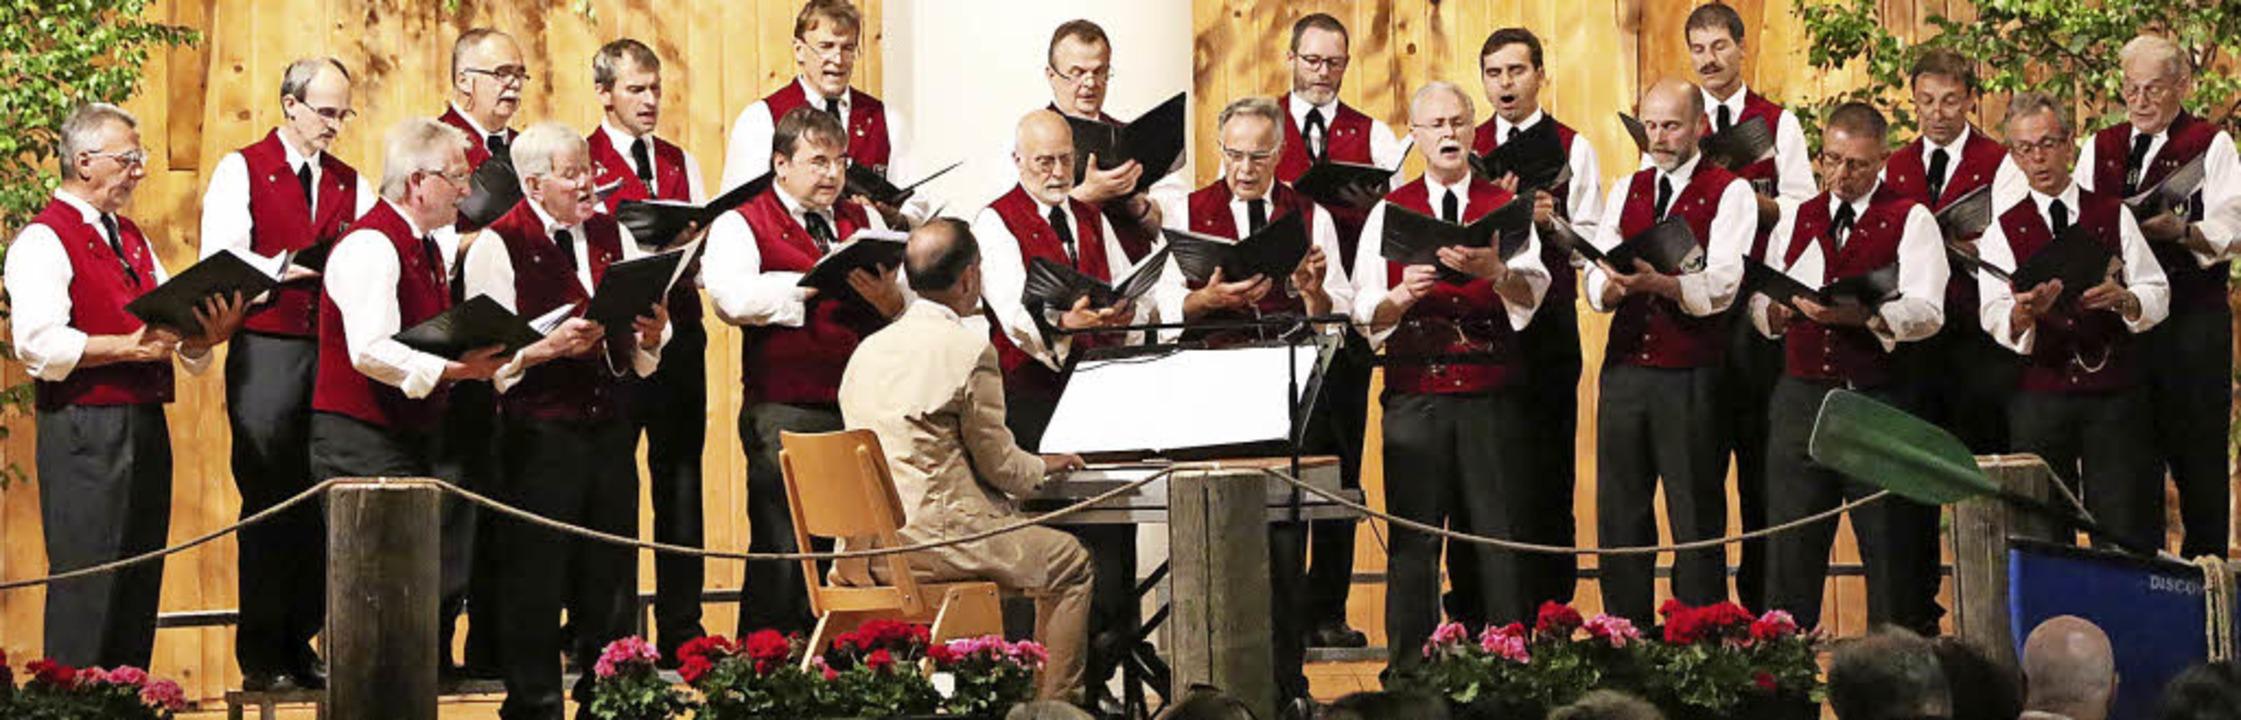 Der Männergesangverein St. Märgen beim  Pfingstkonzert.   | Foto: Heinrich Fehrenbach